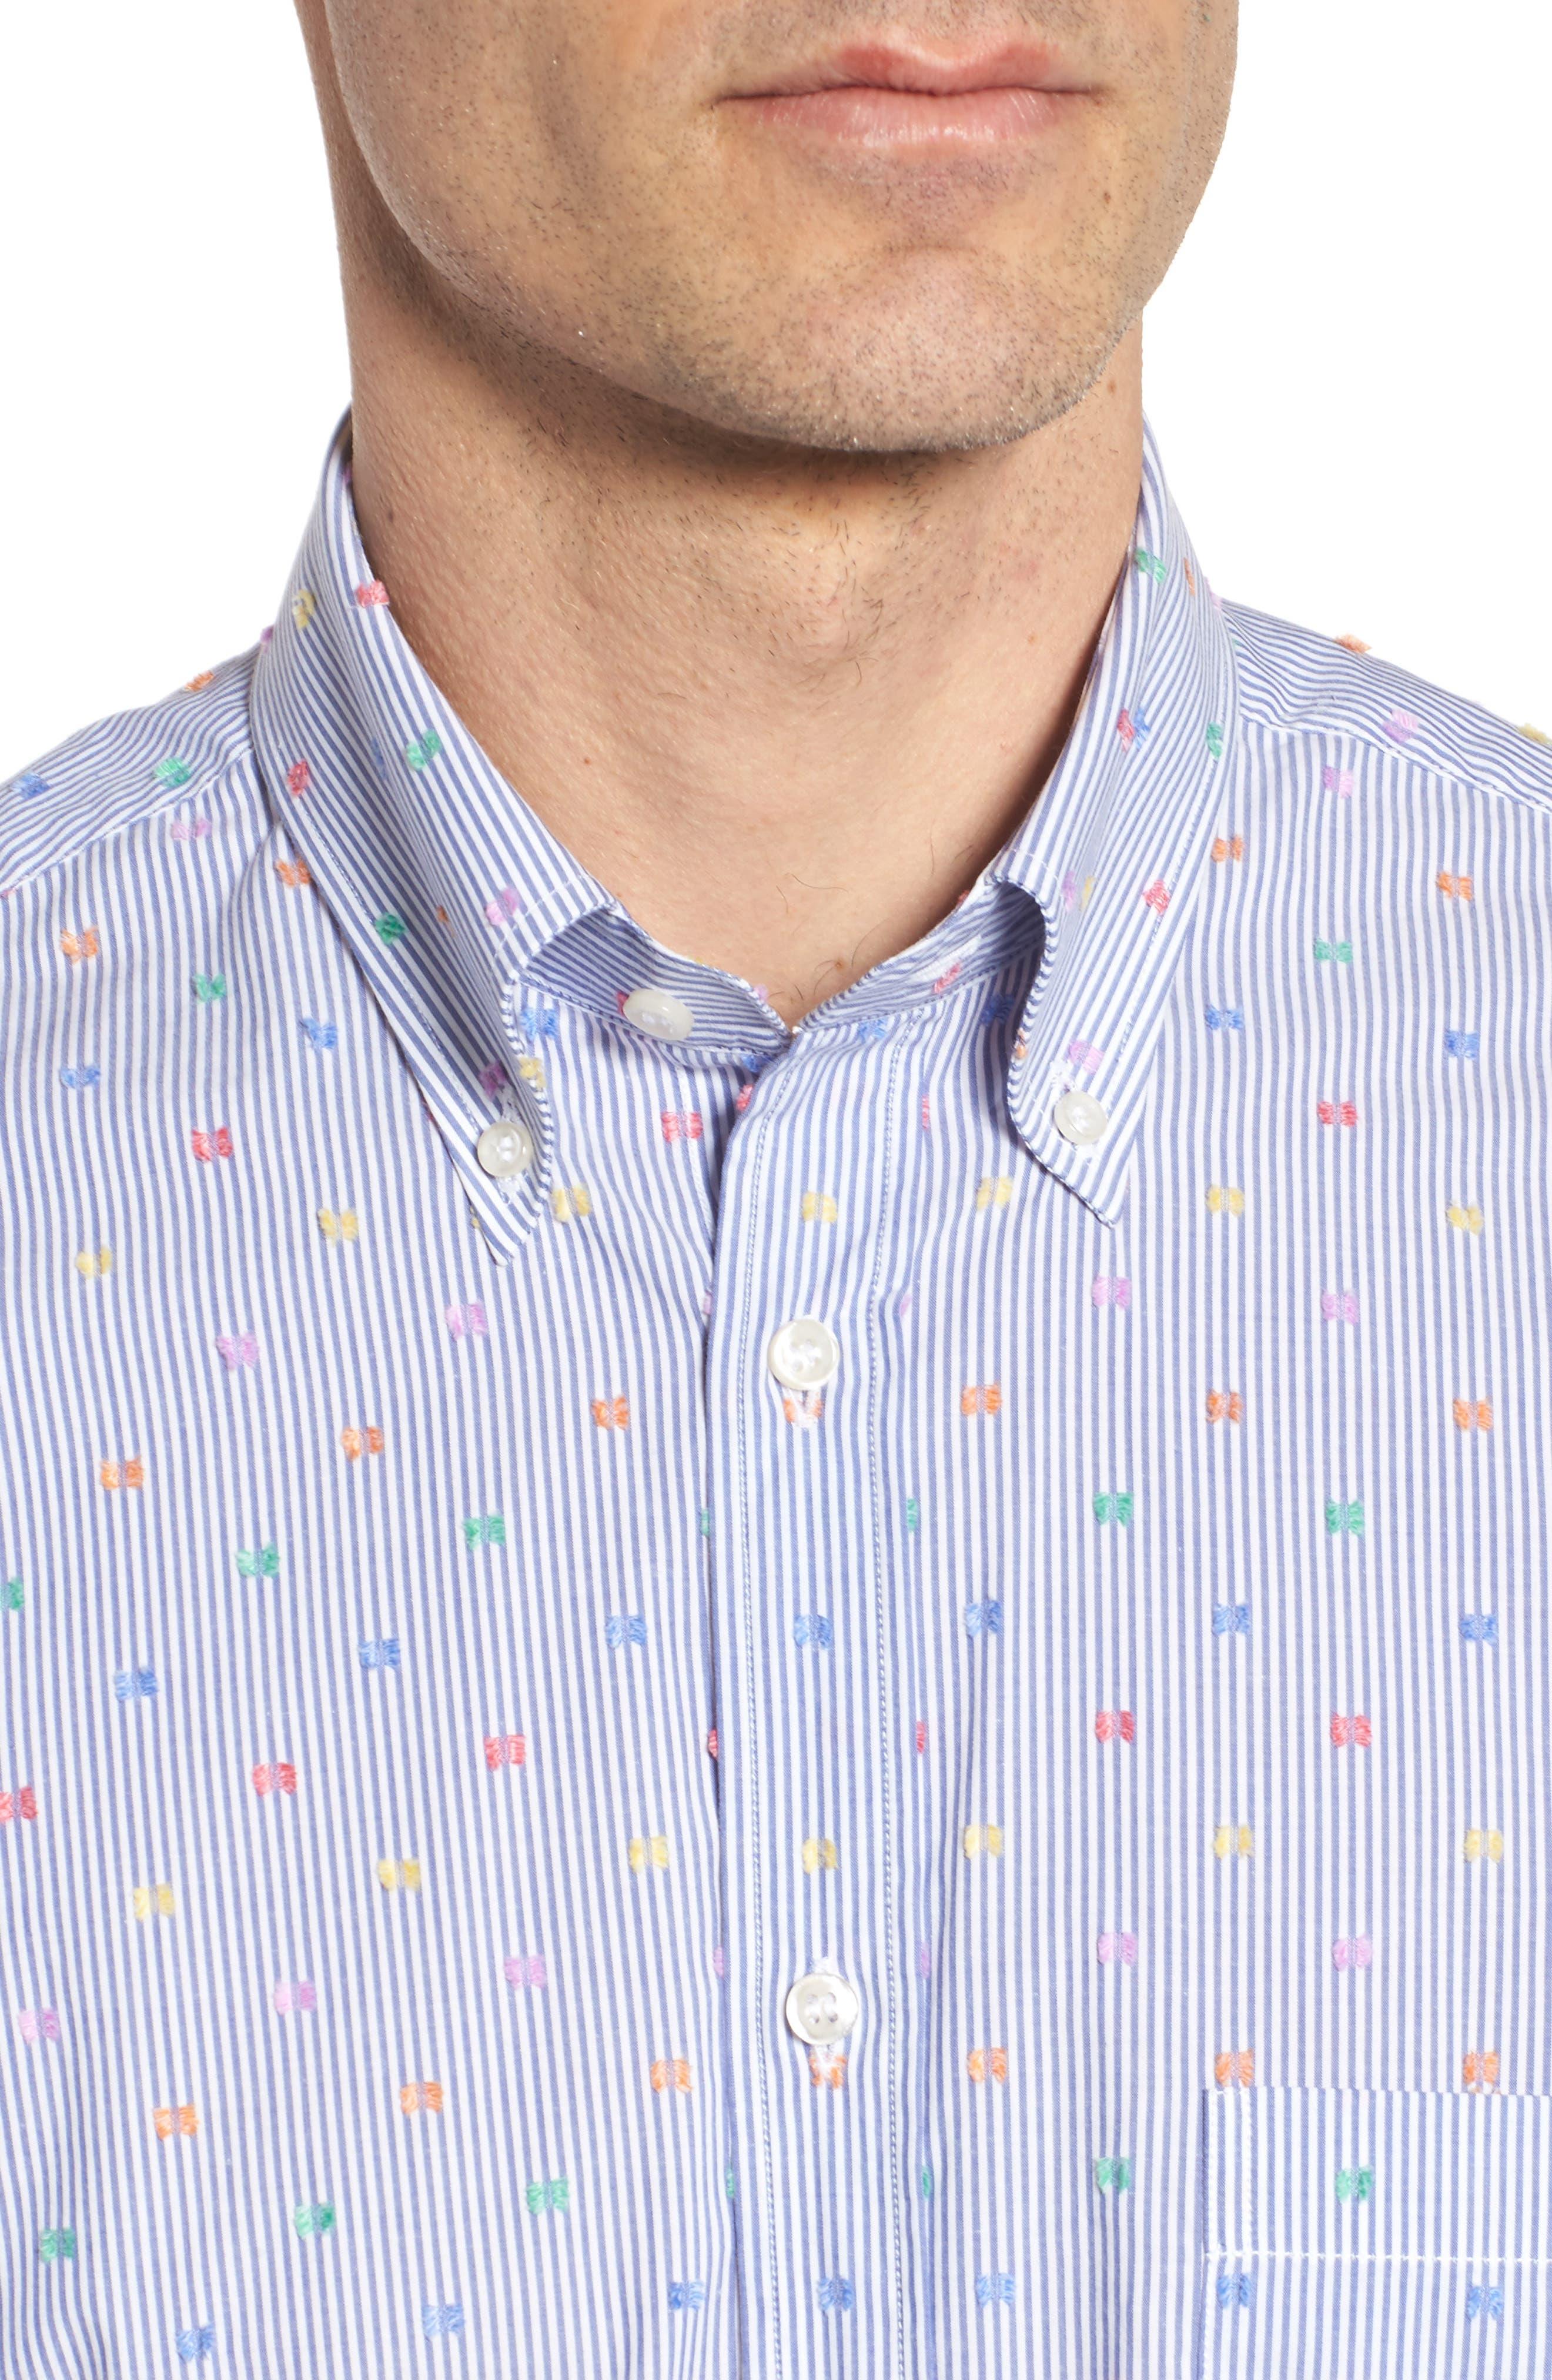 Paul&Shark Fin Stripe Sport Shirt,                             Alternate thumbnail 4, color,                             Blue/ White/ Multi